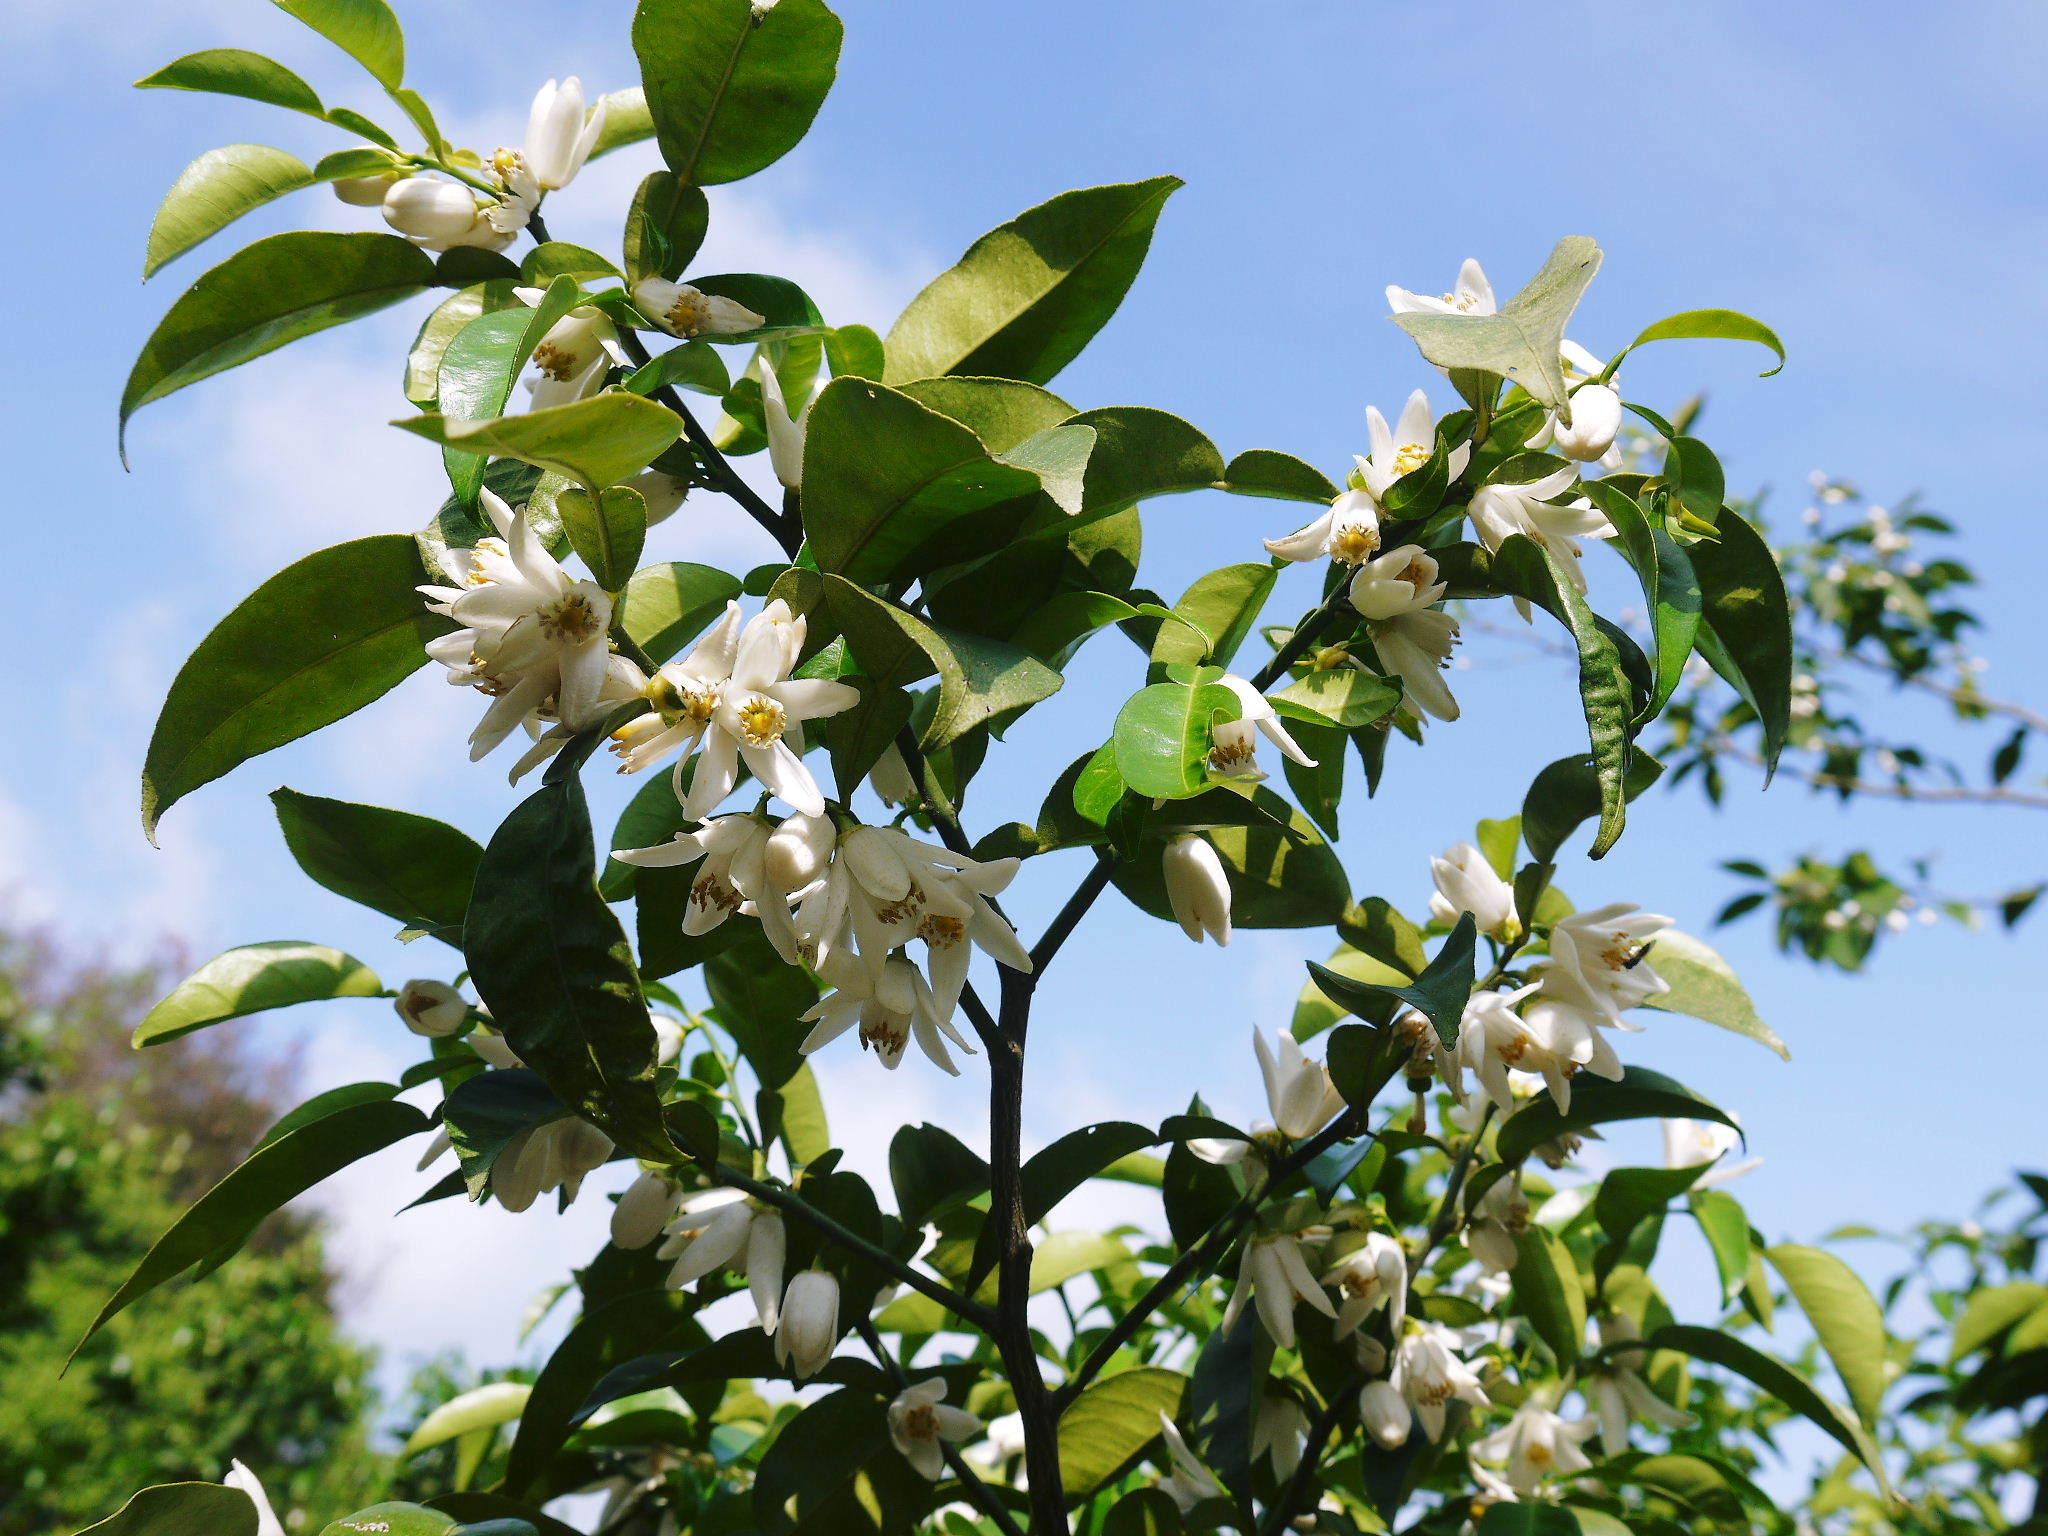 香り高き柚子(ゆず) 今年も元気な花が咲き誇ってます!柚子の花(2020)_a0254656_19102068.jpg